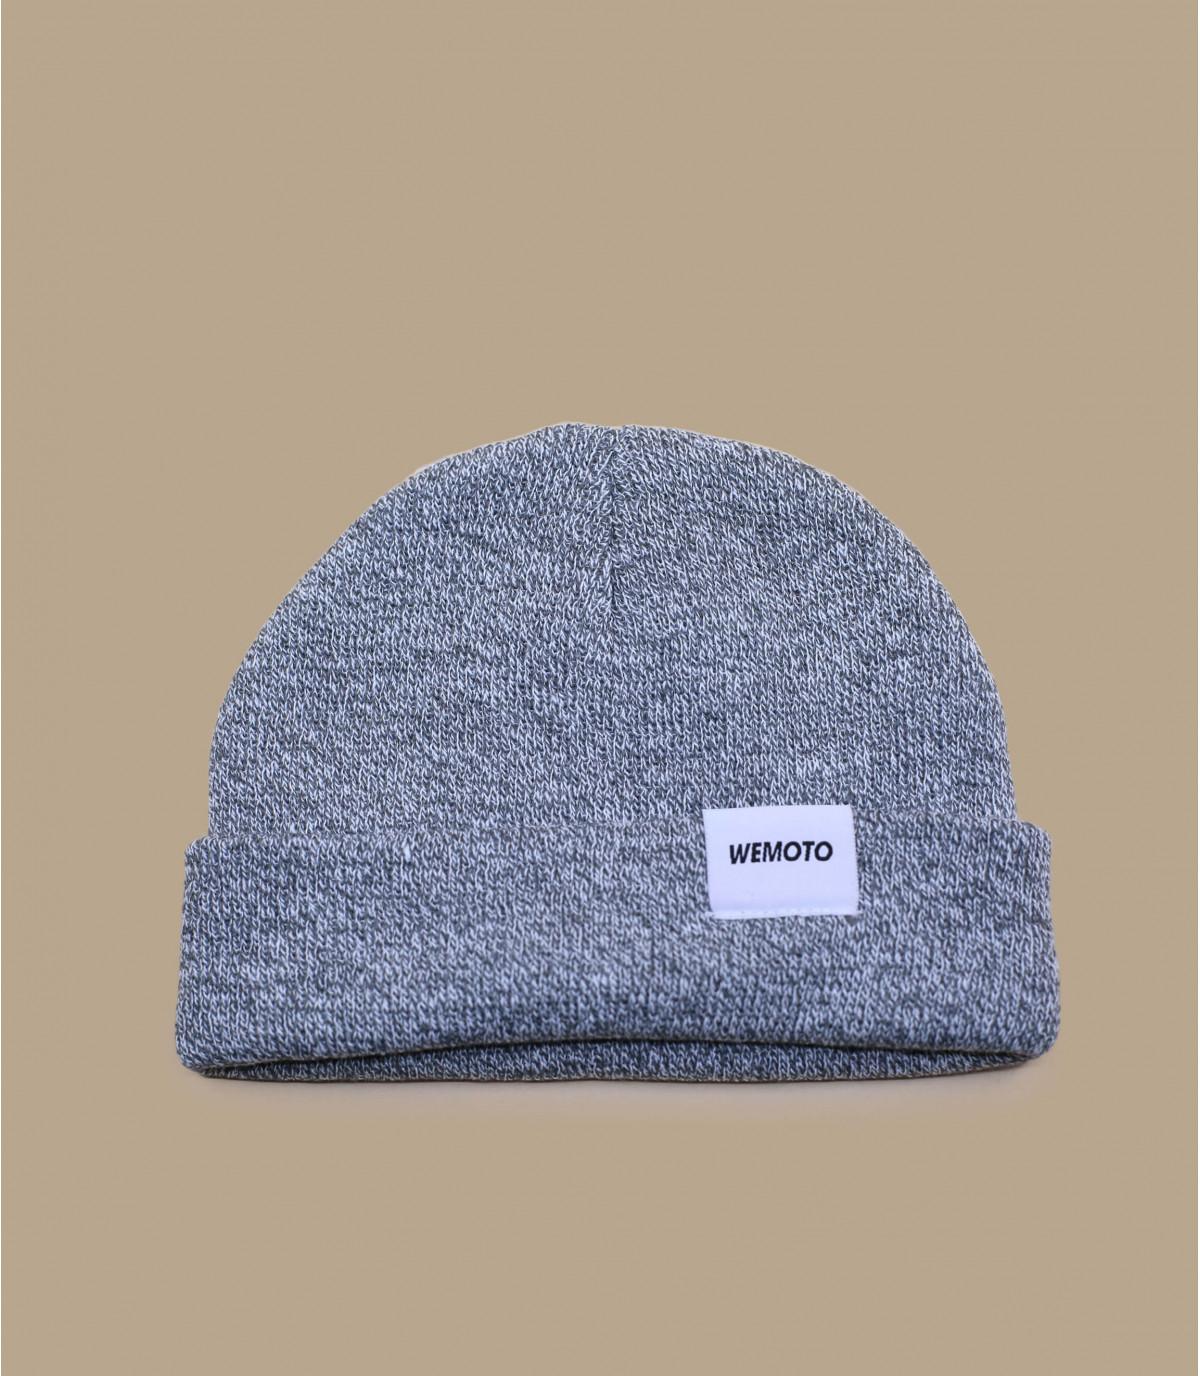 bonnet revers gris Wemoto